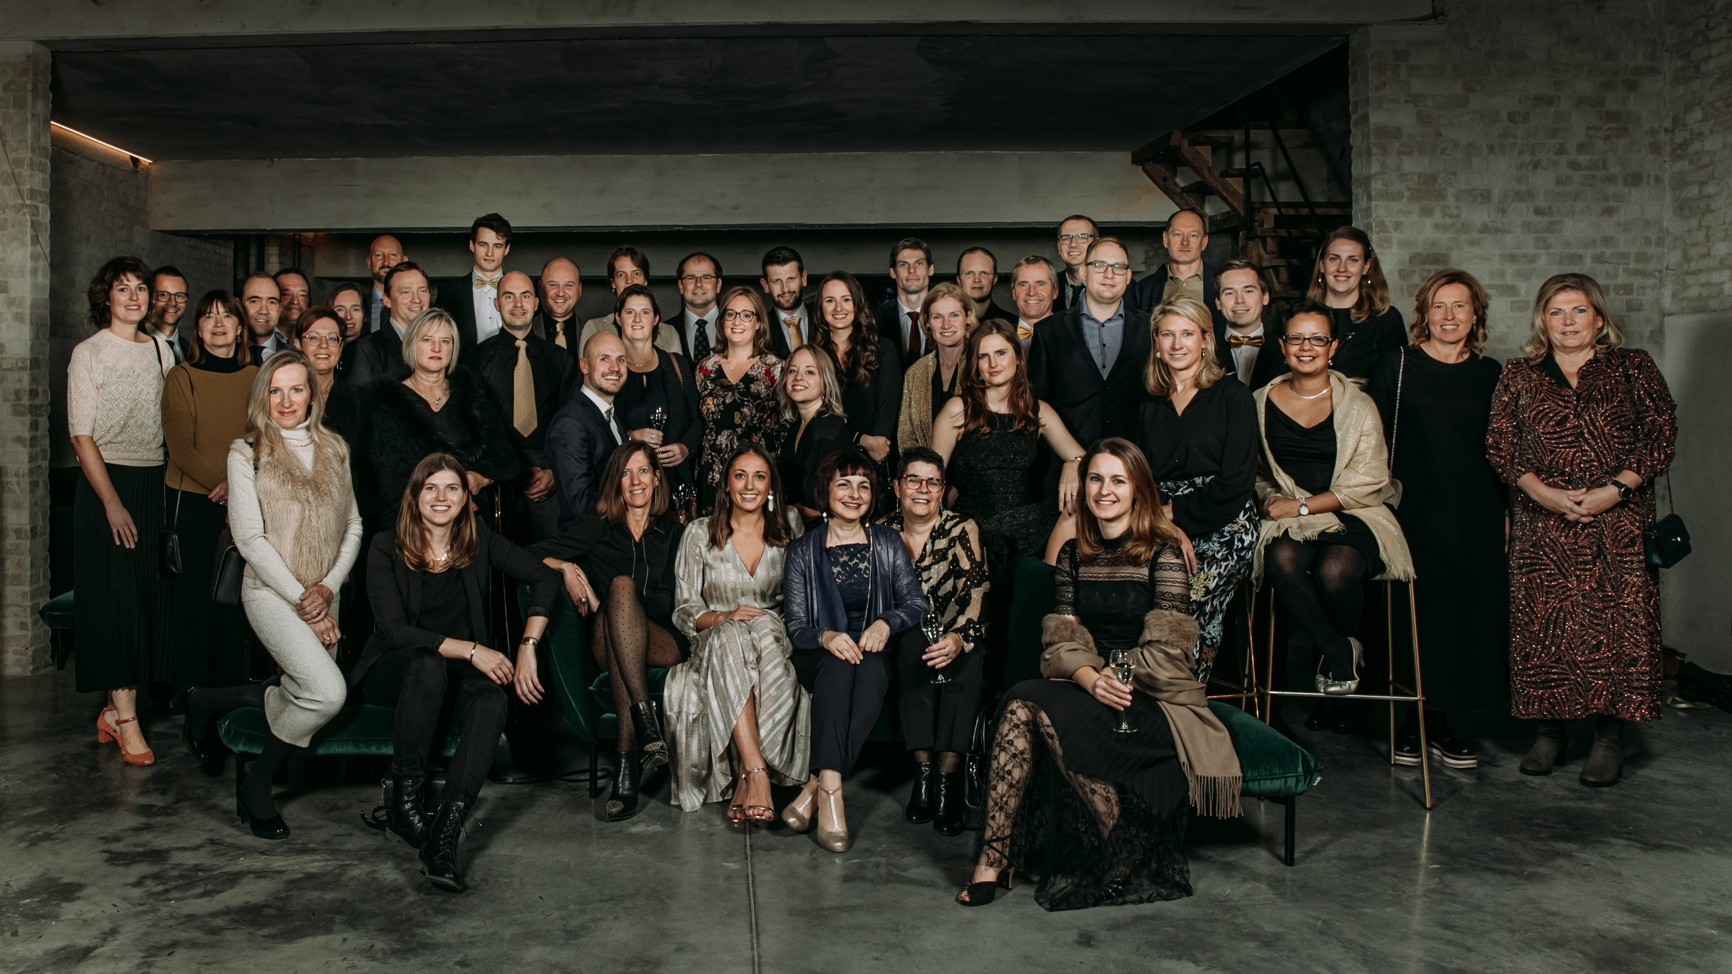 20 years of De Clercq & Partners